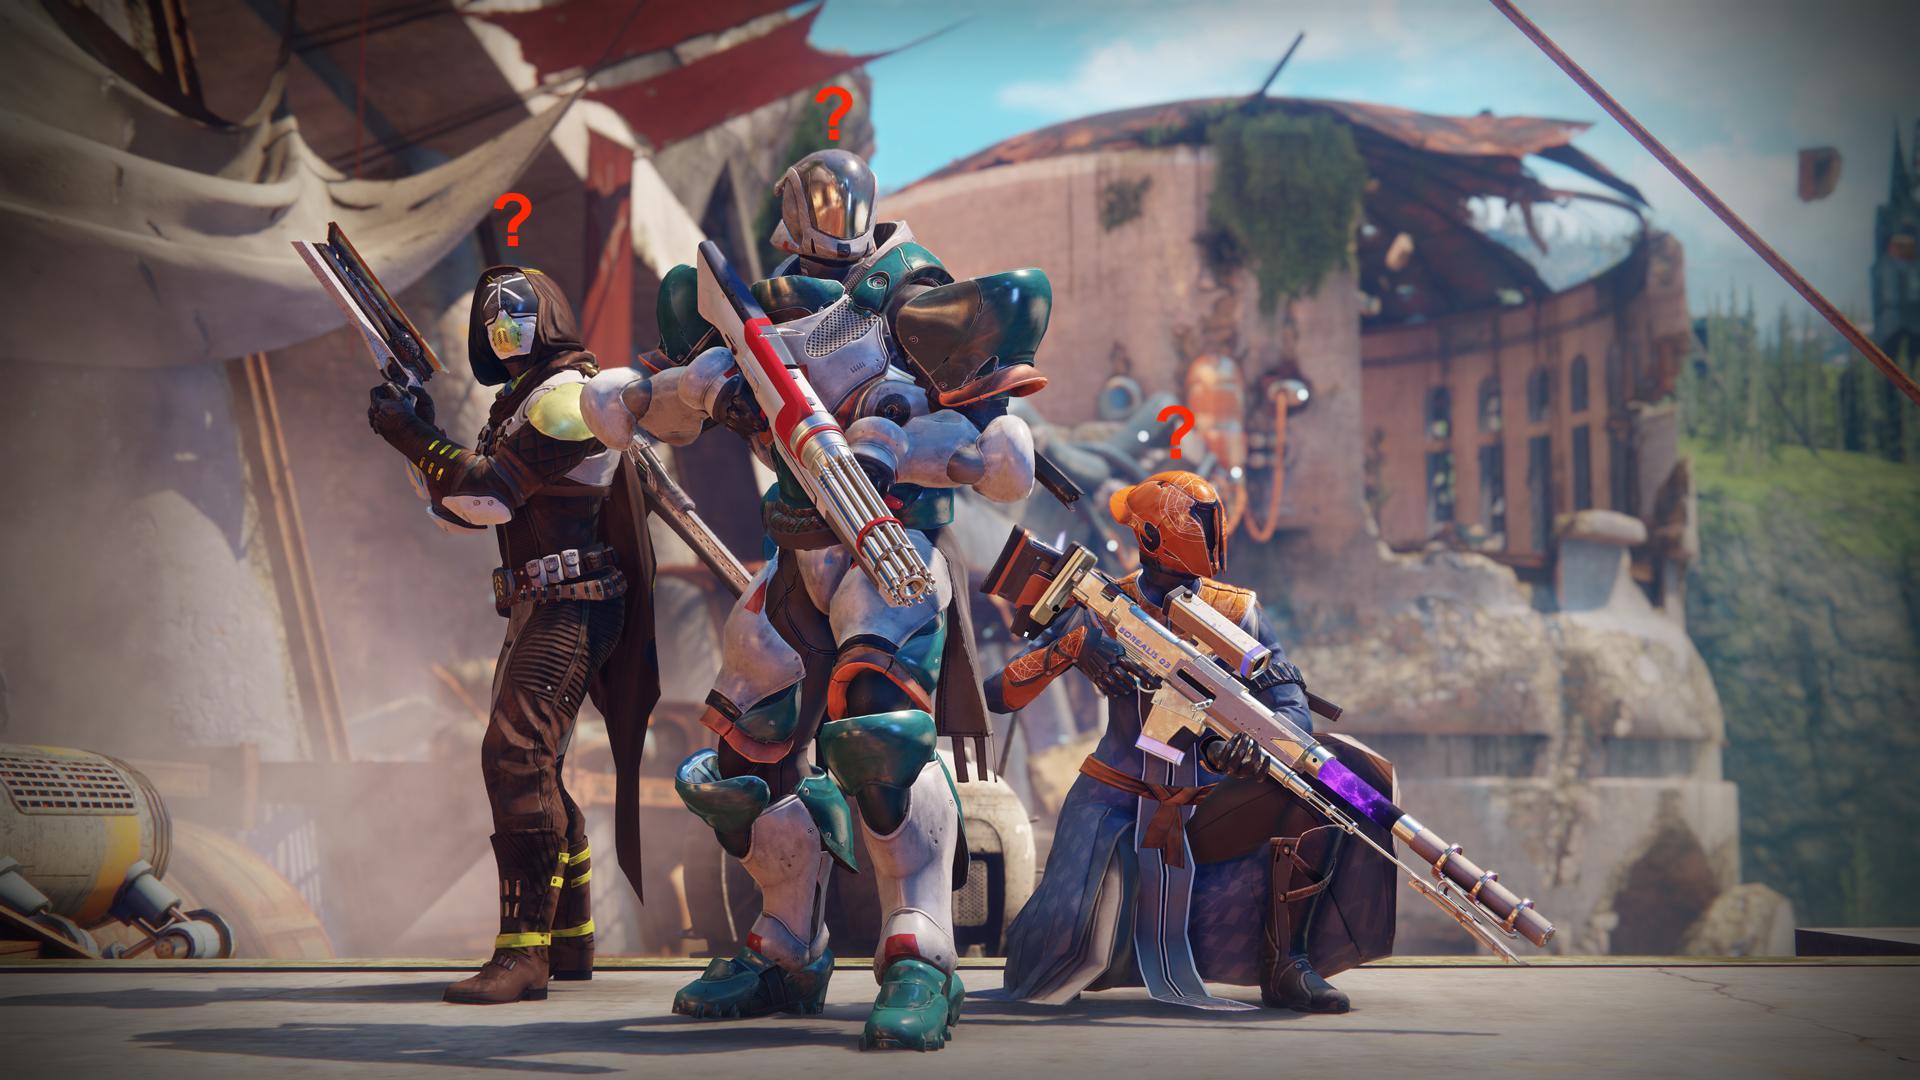 Der 8. Mai wird wichtig für Destiny 2 – Was erwartet die Hüter?